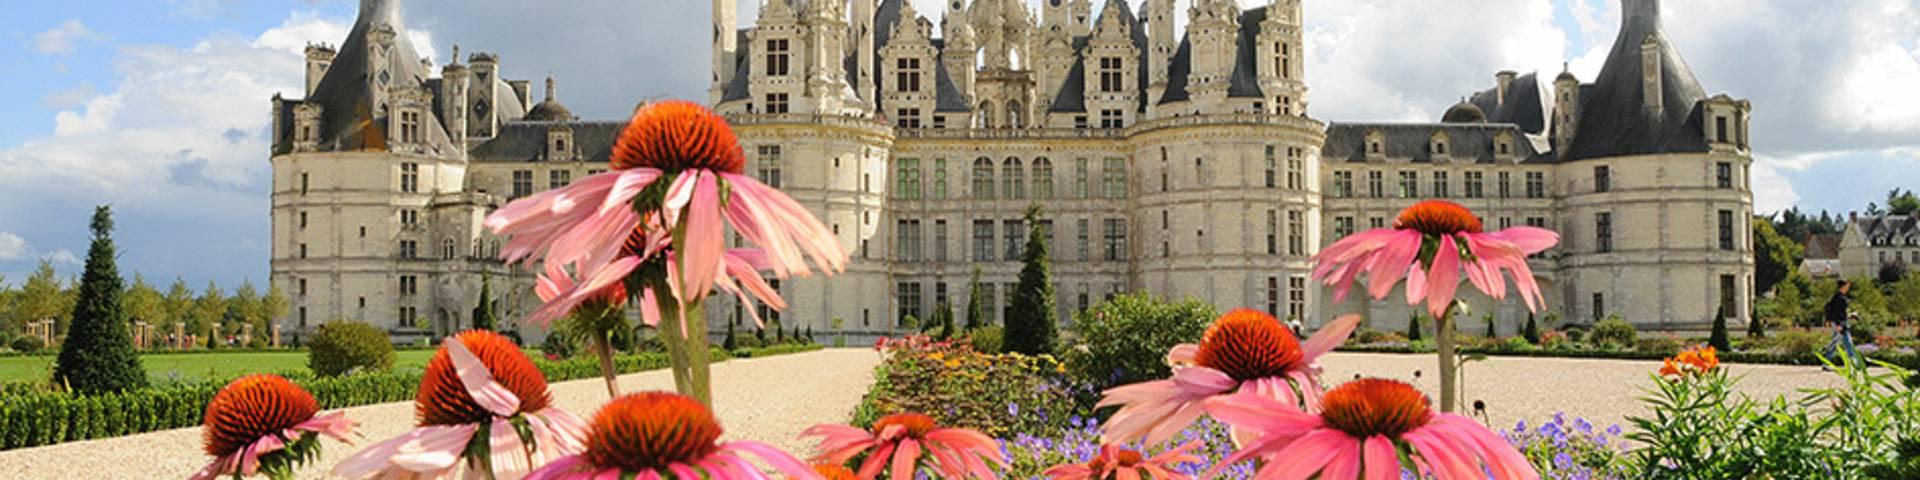 Les jardins du château de Chambord. © OTBC